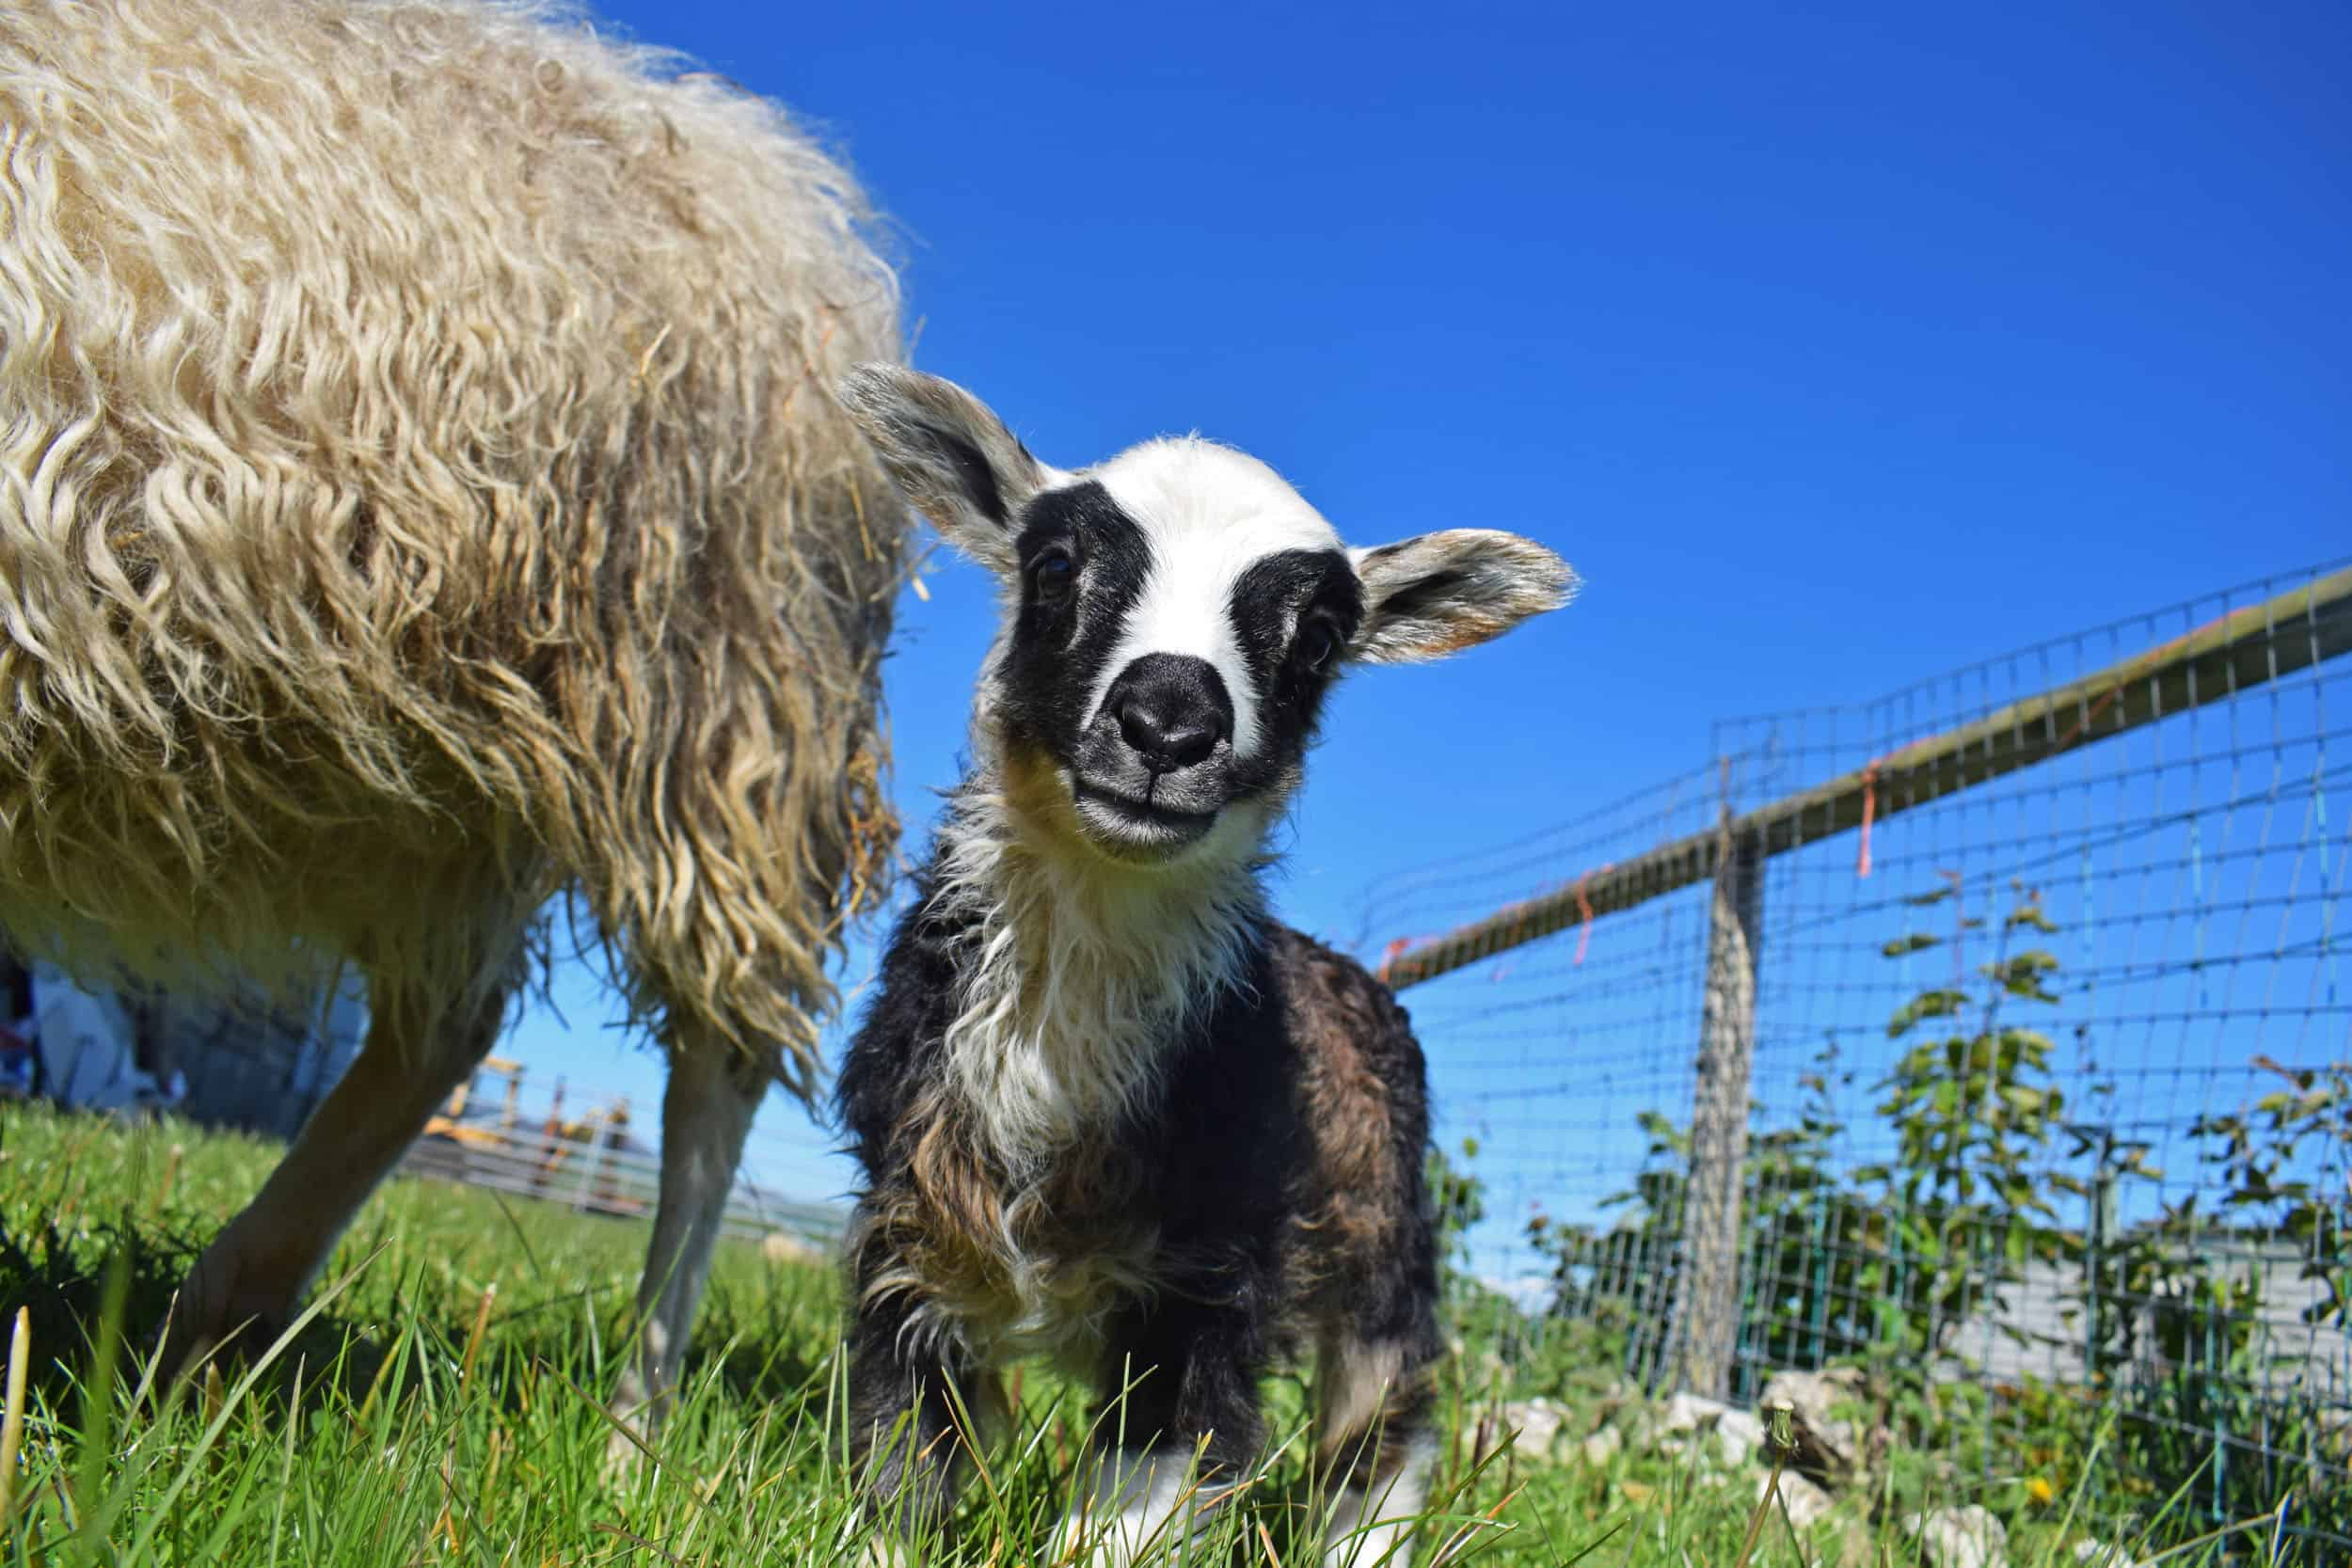 Laurel icelandic lamb